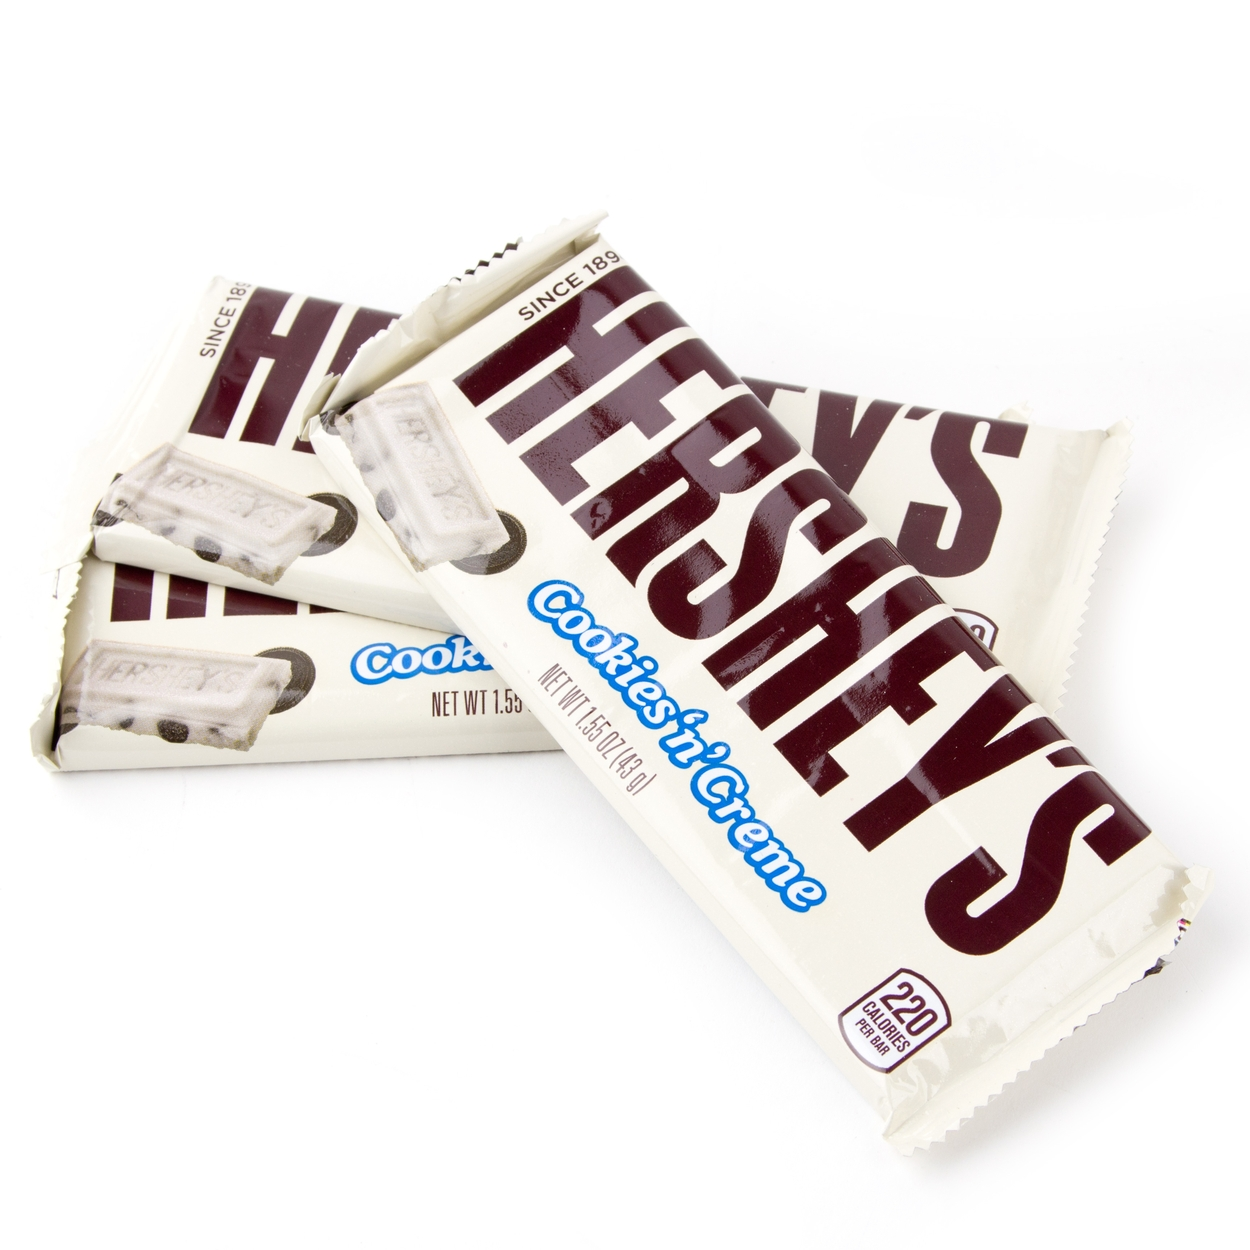 Hershey's Chocolate • Dark & Milk Chocolate Bars • Oh! Nuts®